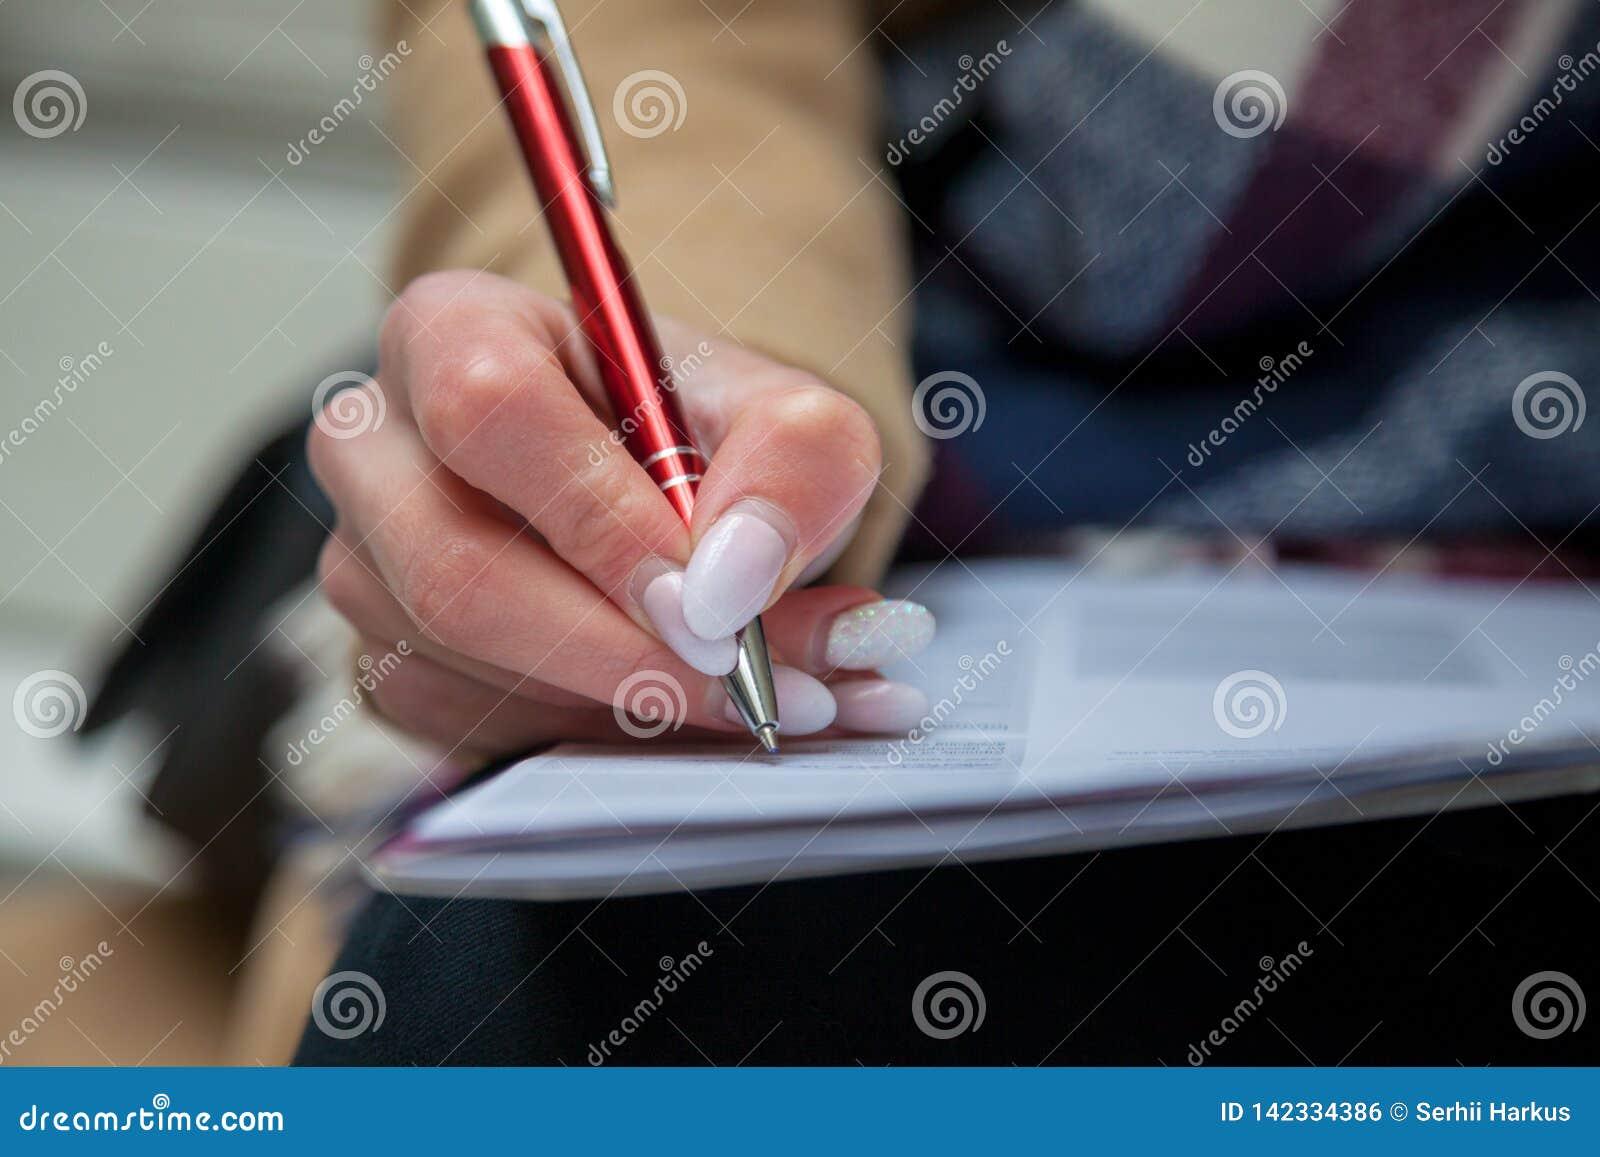 Ein Bild einer Hand und des Stiftes, die ein Formular ausfüllen